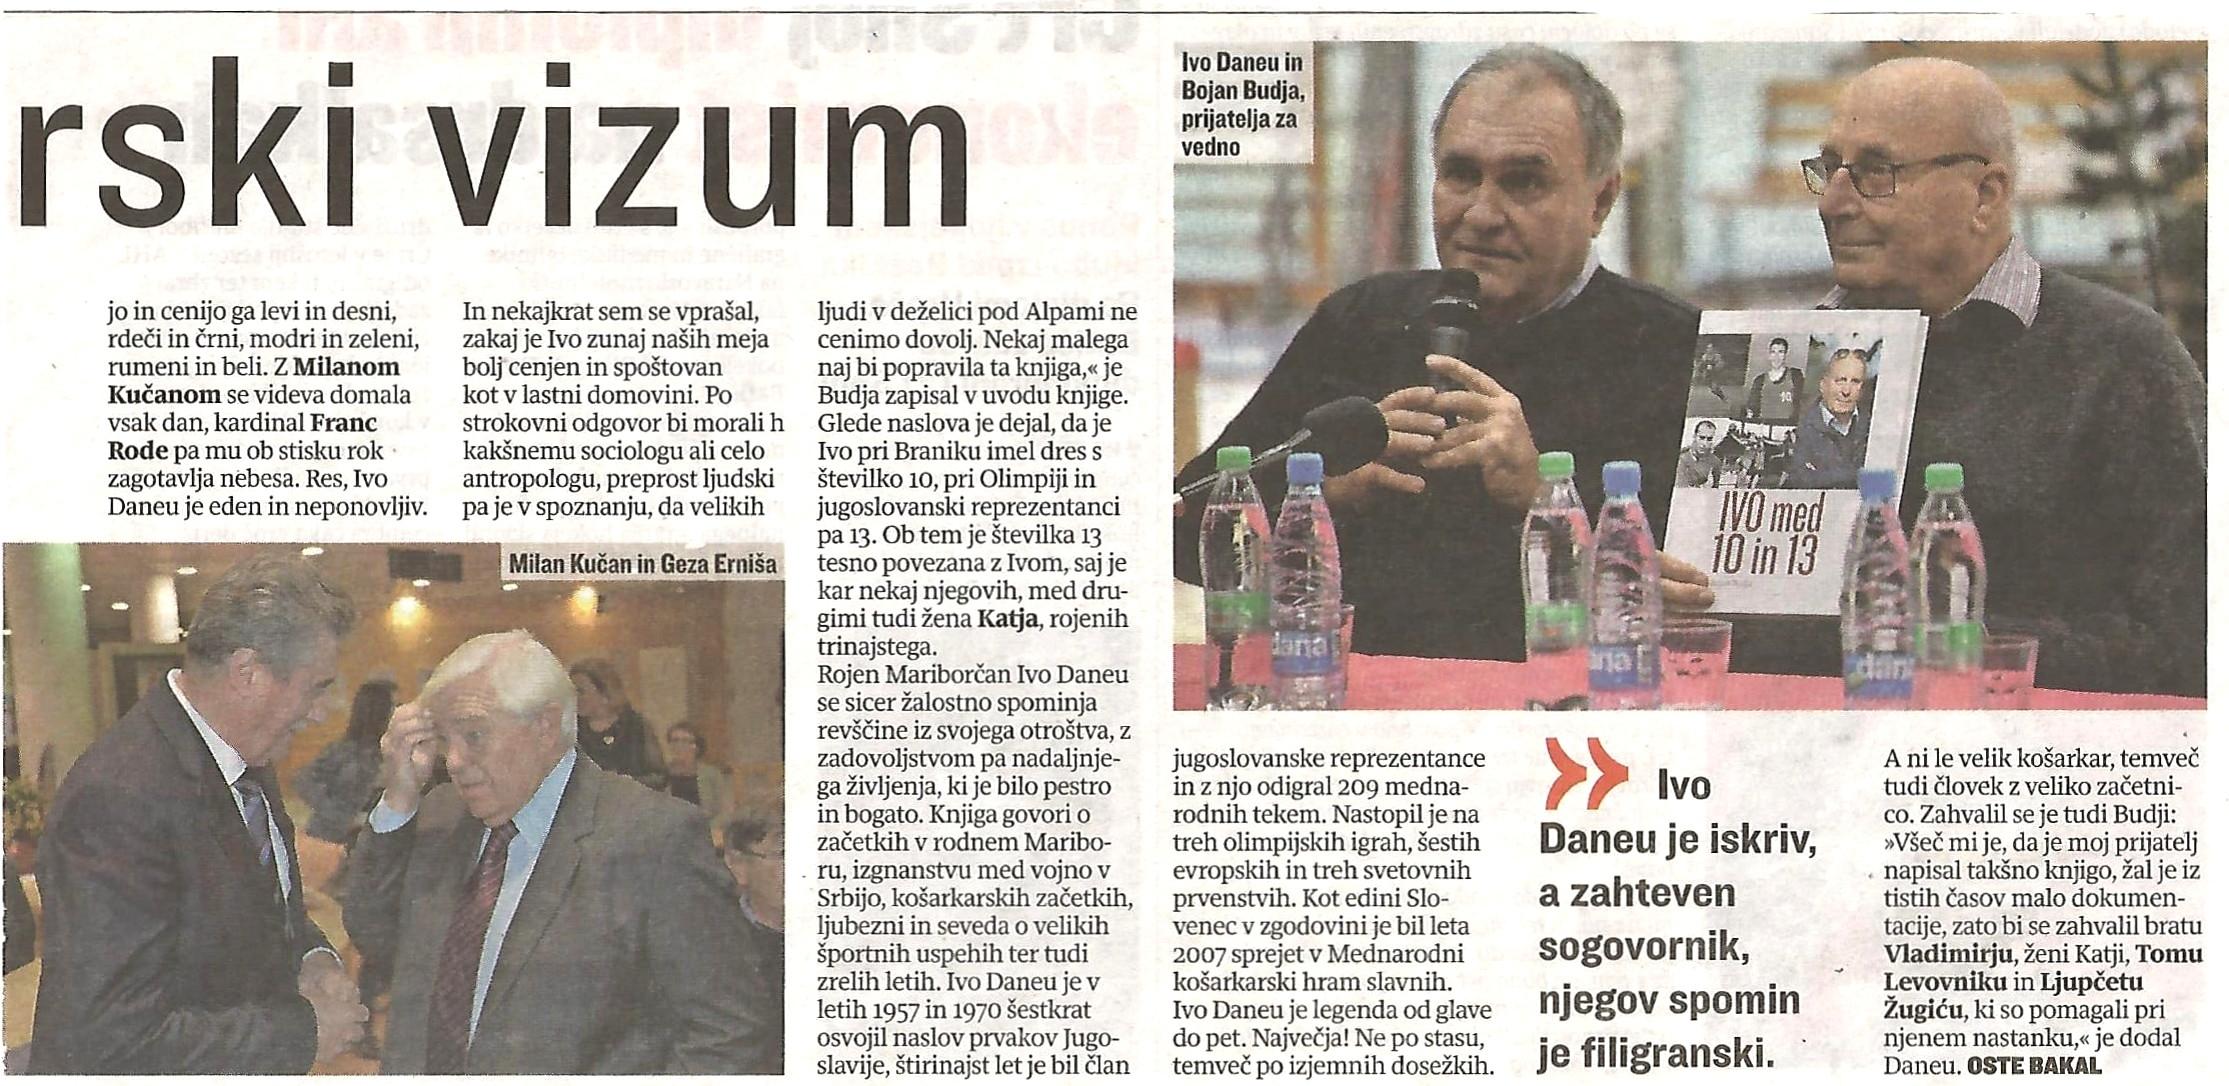 slovenske_novice_20171211-2